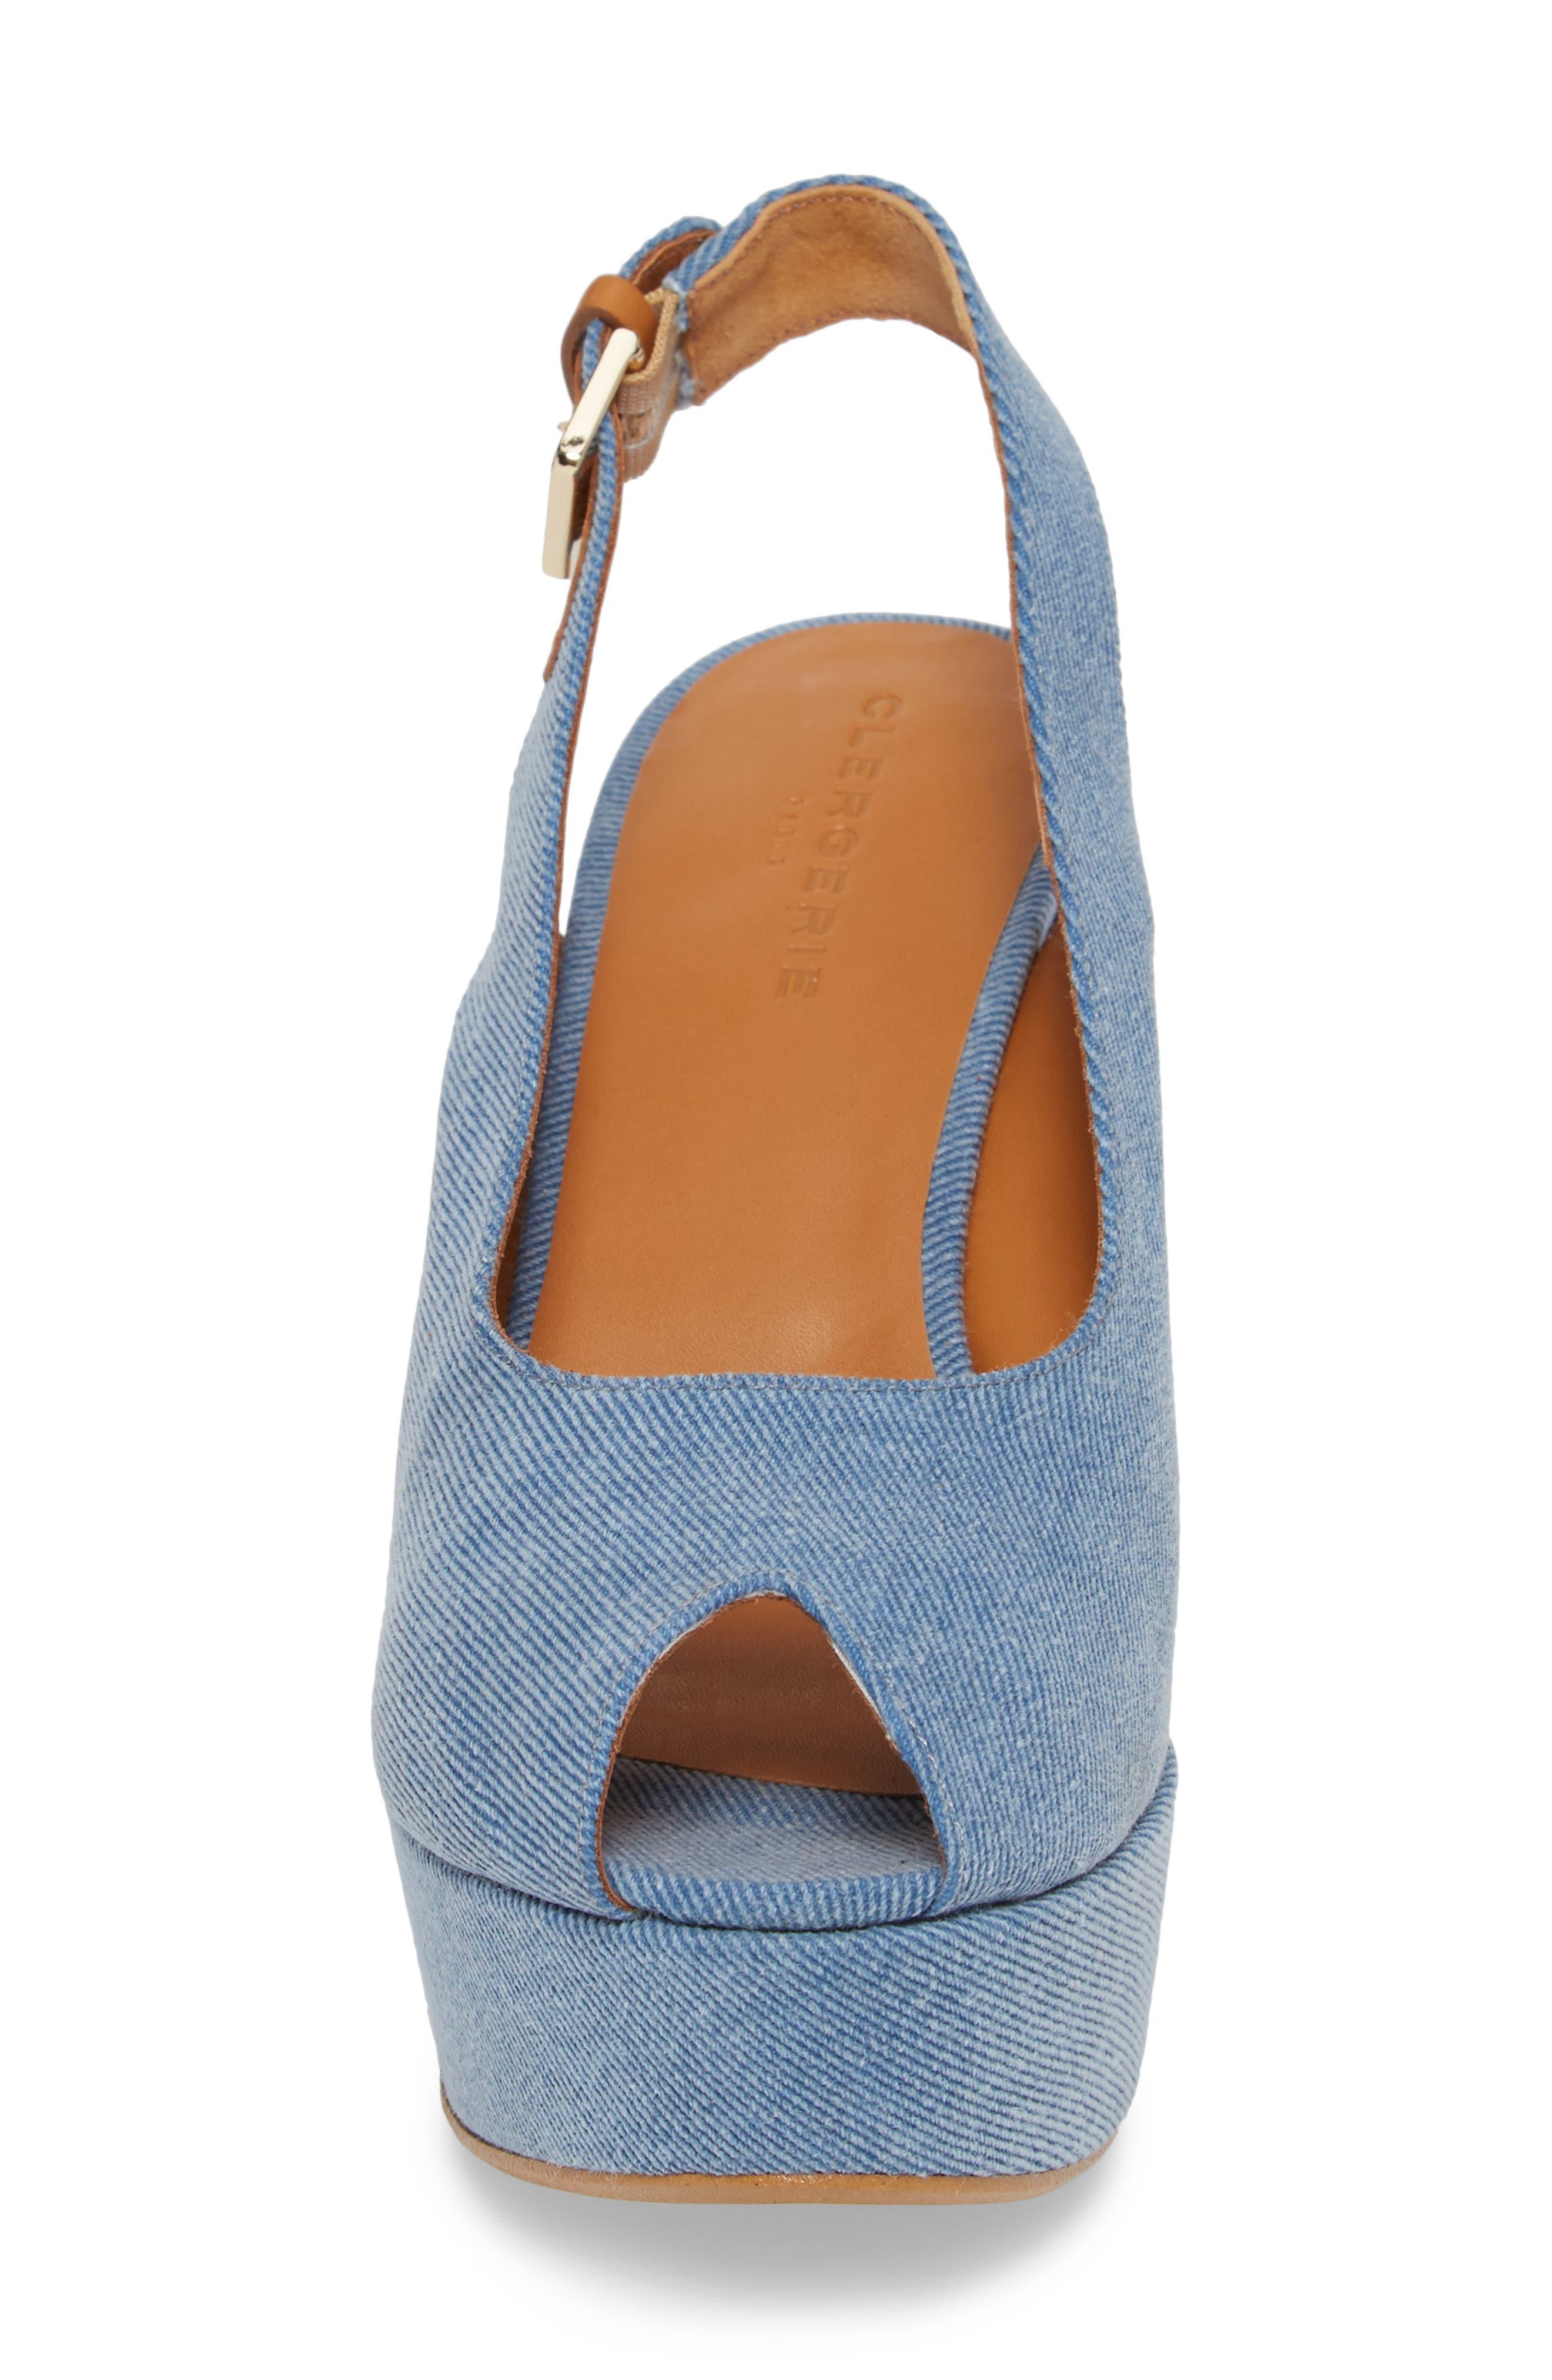 Dylanto Platform Wedge Sandal,                             Alternate thumbnail 4, color,                             400